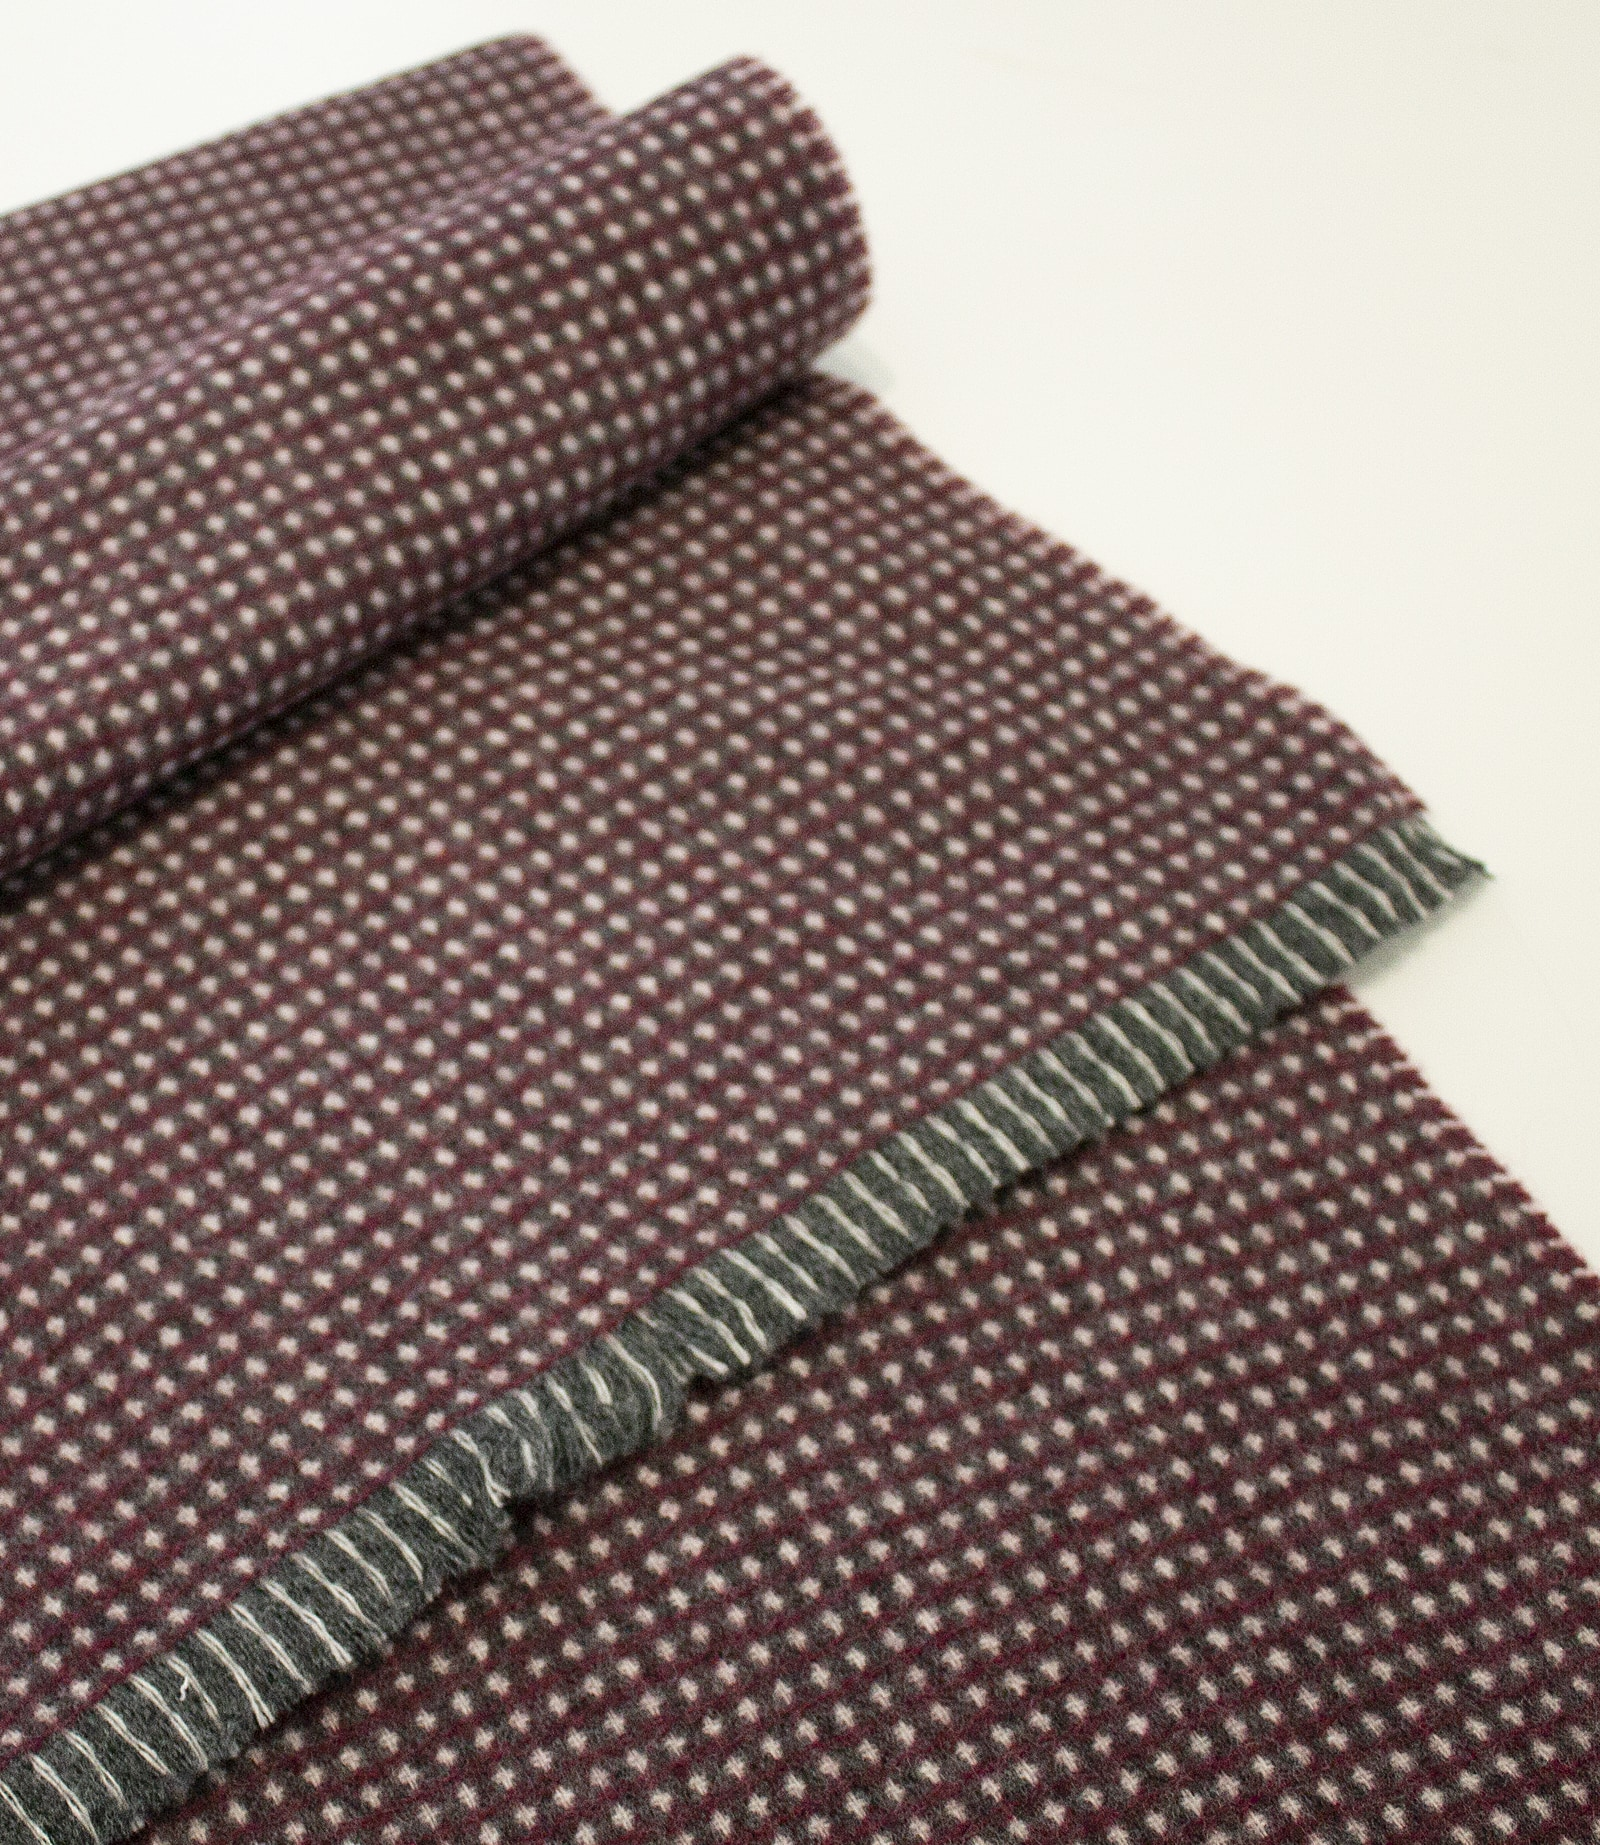 Schal aus Kaschmir-Wollmischung